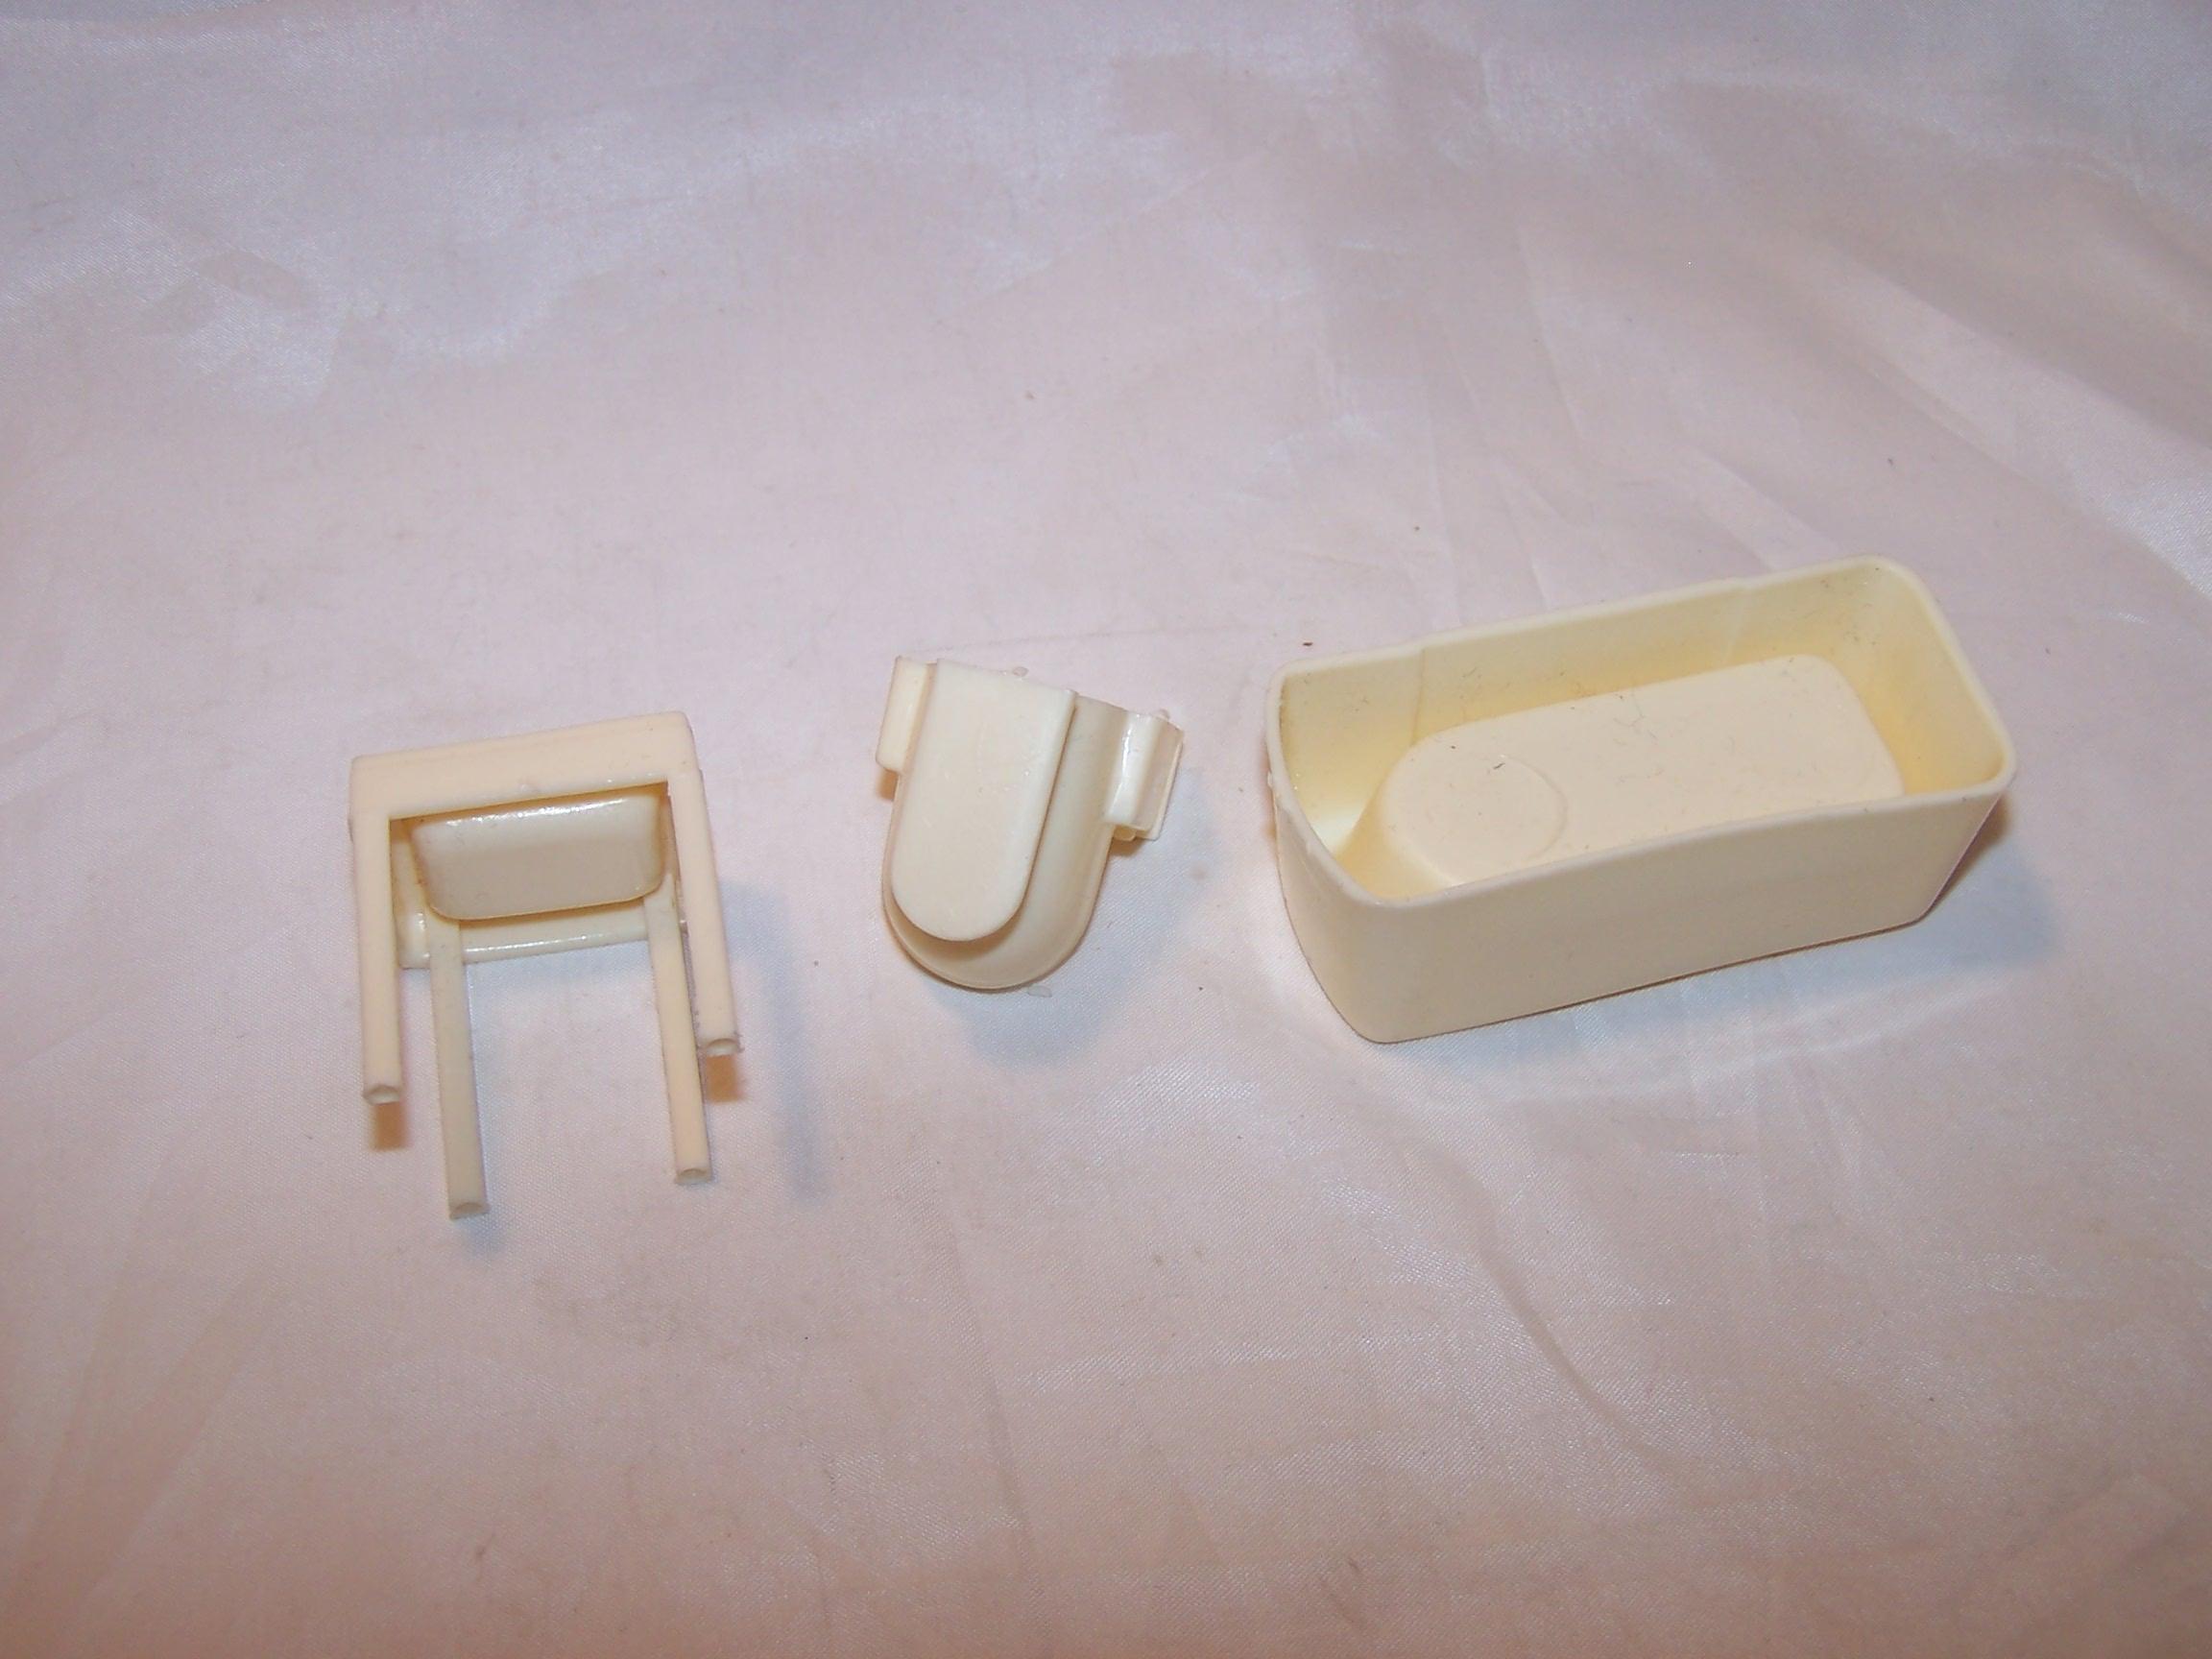 Image 3 of Dollhouse Bathroom Fixtures, Plastic, Vintage